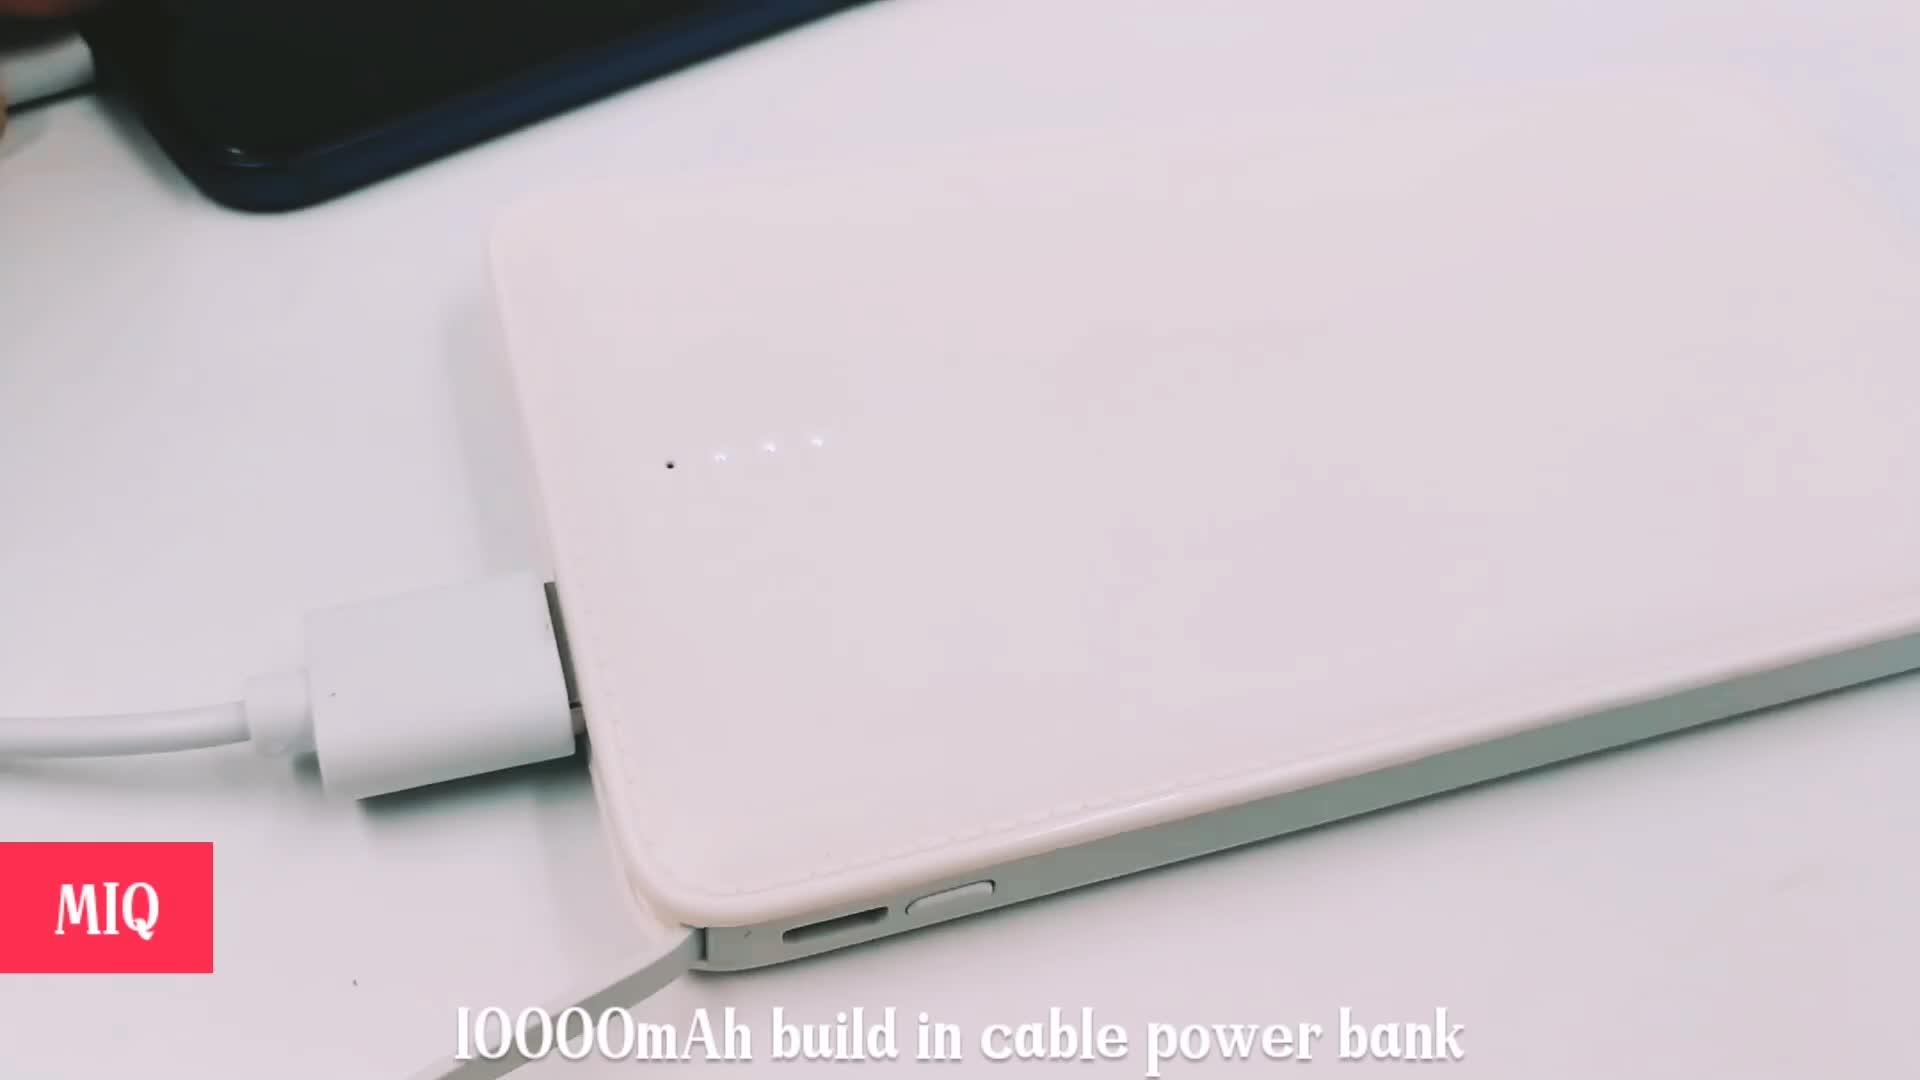 Портативное мобильное зарядное устройство Powerbank ultra slim встроенный usb-кабель 10000 мАч Power Bank